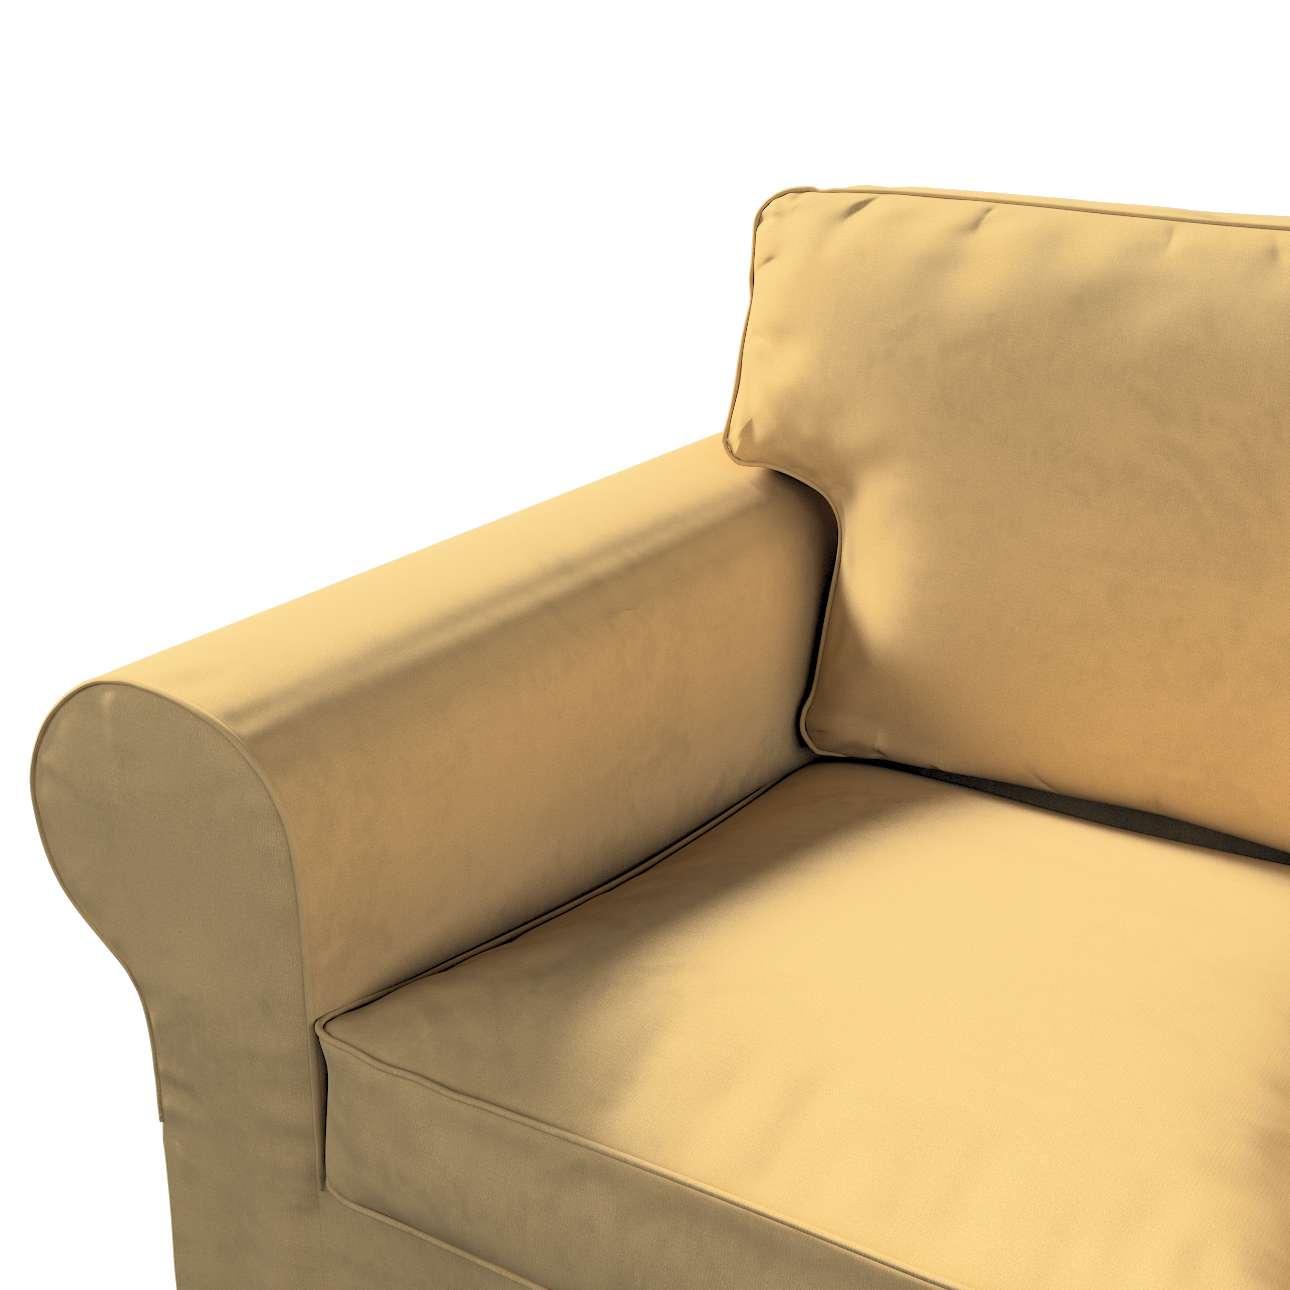 Pokrowiec na sofę Ektorp 2-osobową rozkładaną, model po 2012 w kolekcji Living, tkanina: 160-93